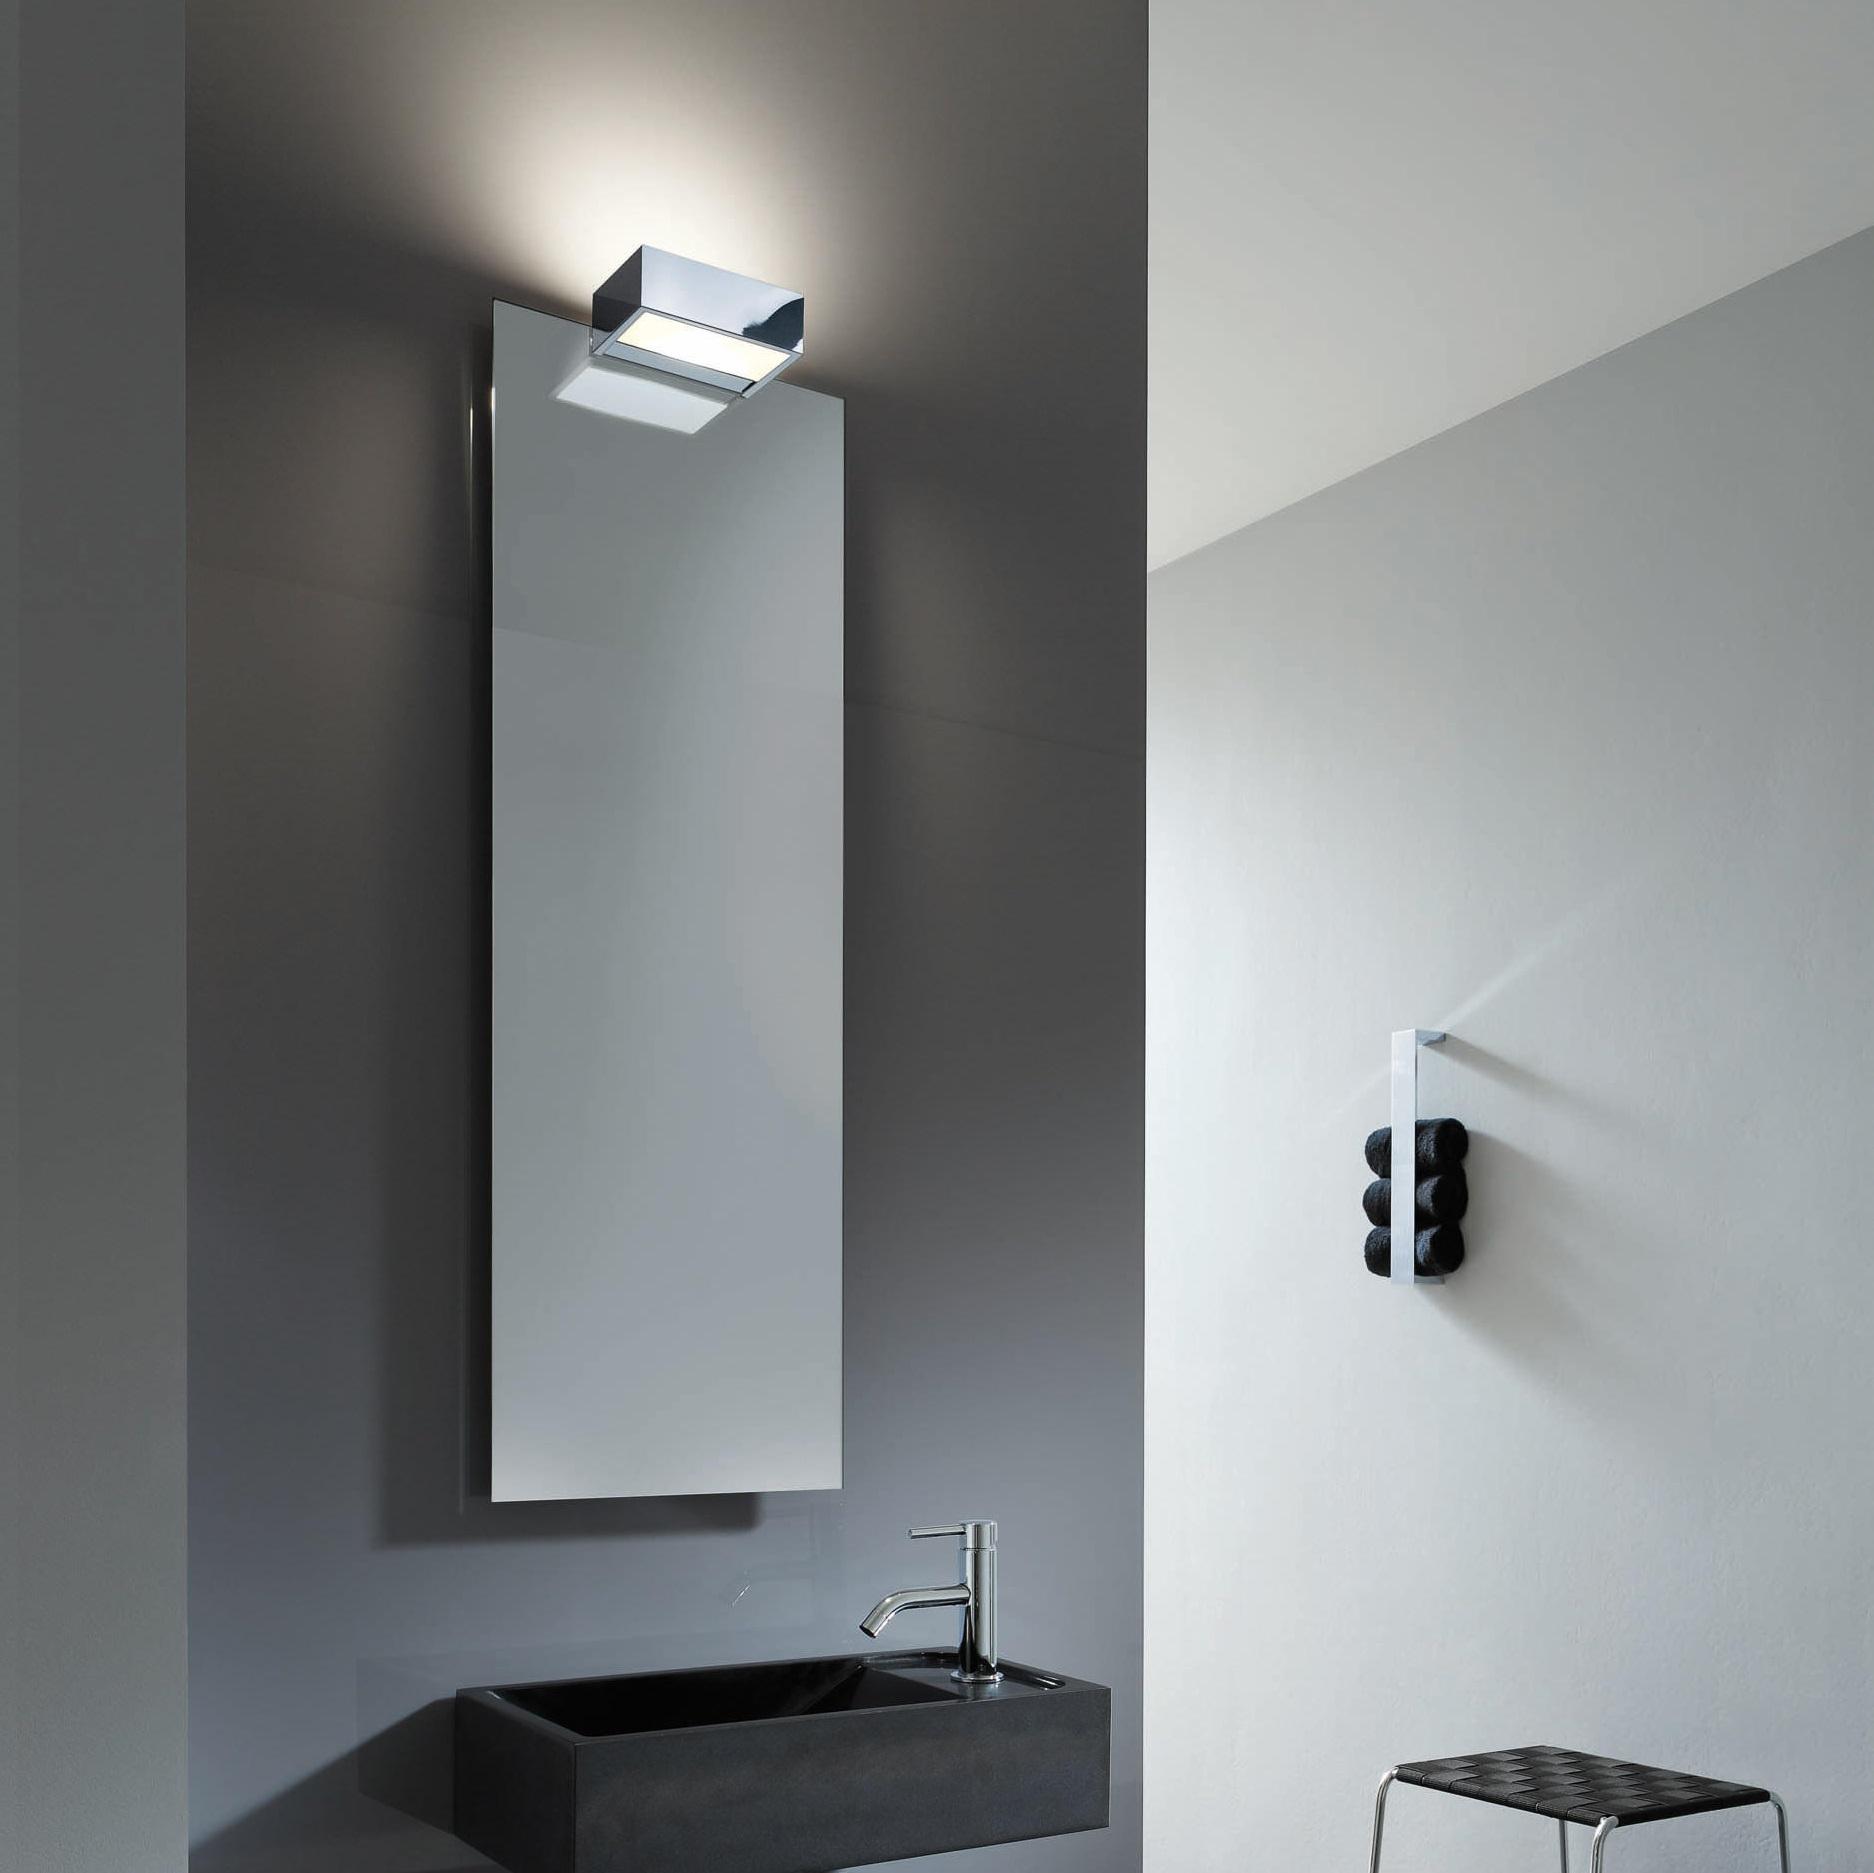 Applique murale de salle de bain avec fixation miroir box 1 25 n chrome led l25cm h5cm - Fixation miroir salle de bain ...